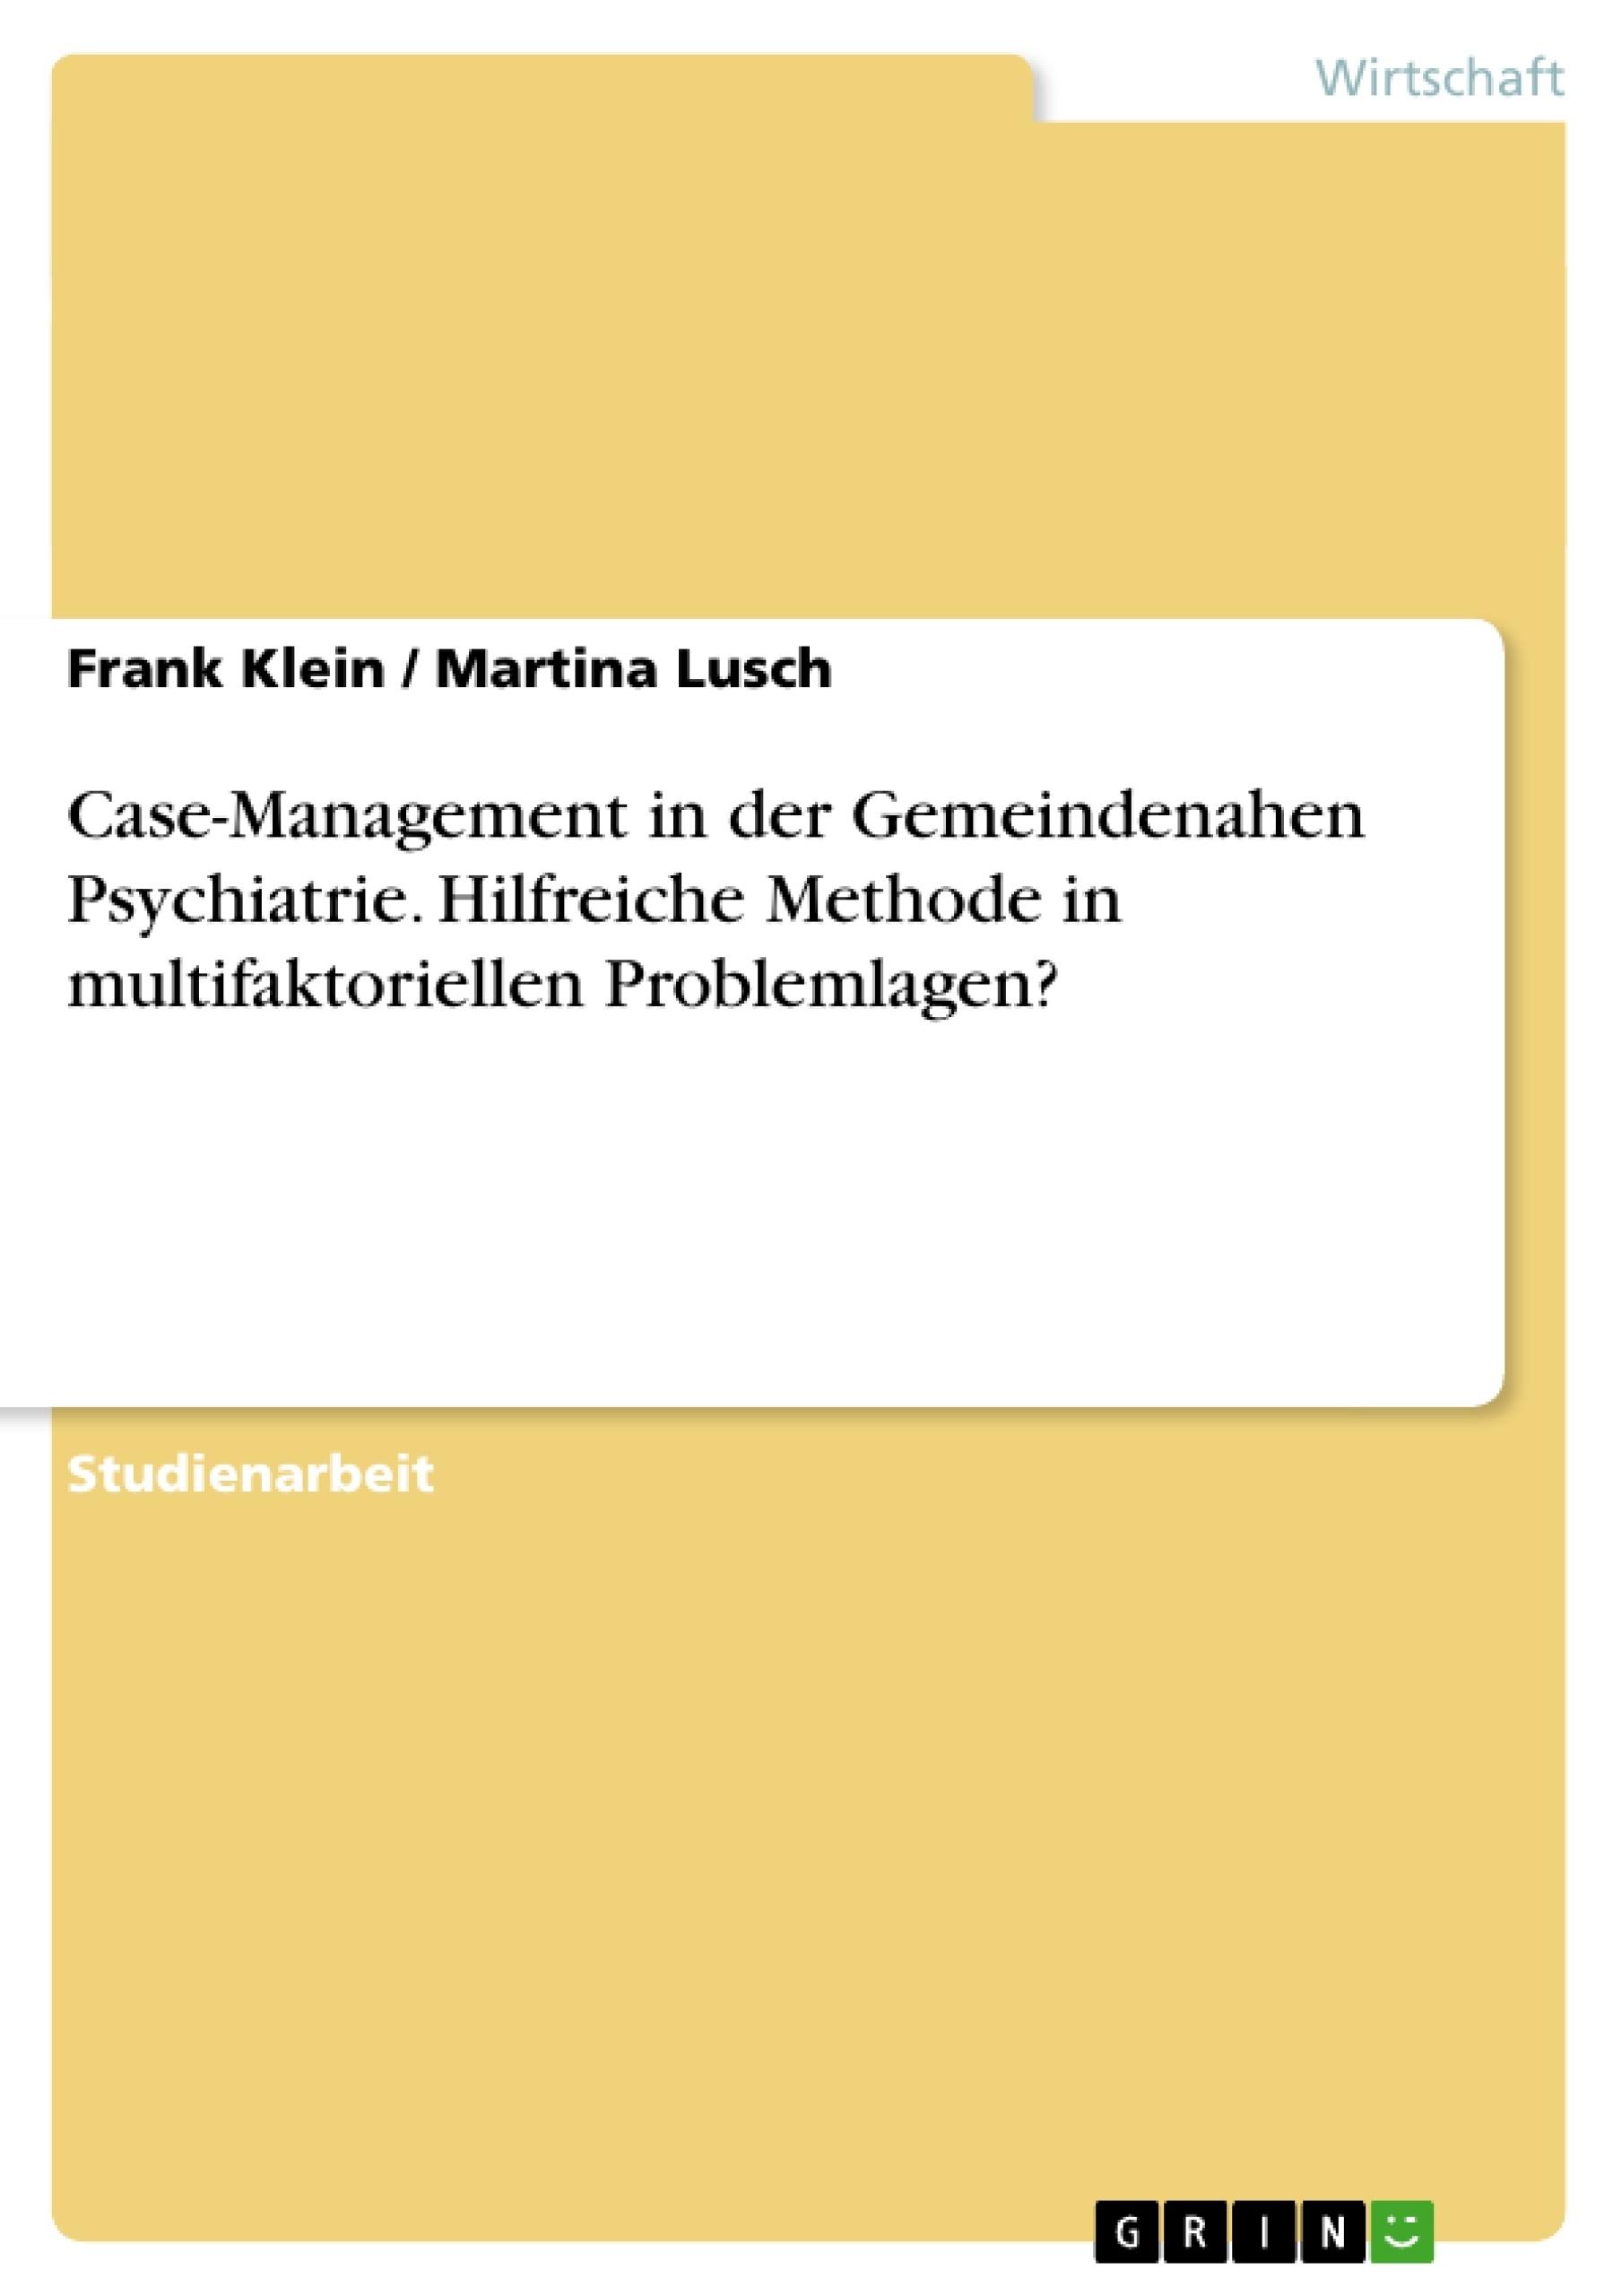 Titel: Case-Management in der Gemeindenahen Psychiatrie. Hilfreiche Methode in multifaktoriellen Problemlagen?